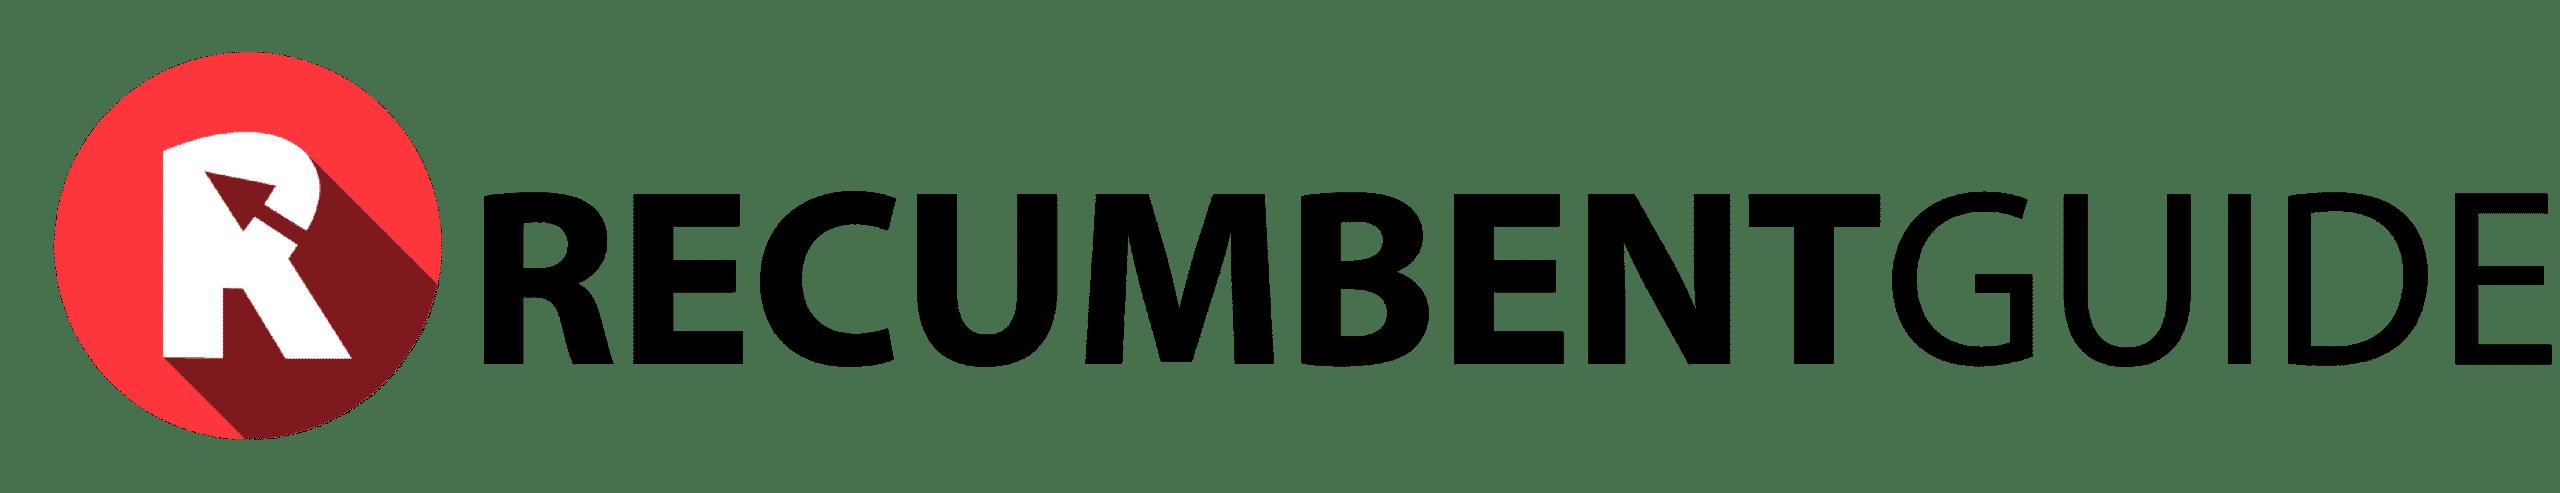 Recumbent Guide